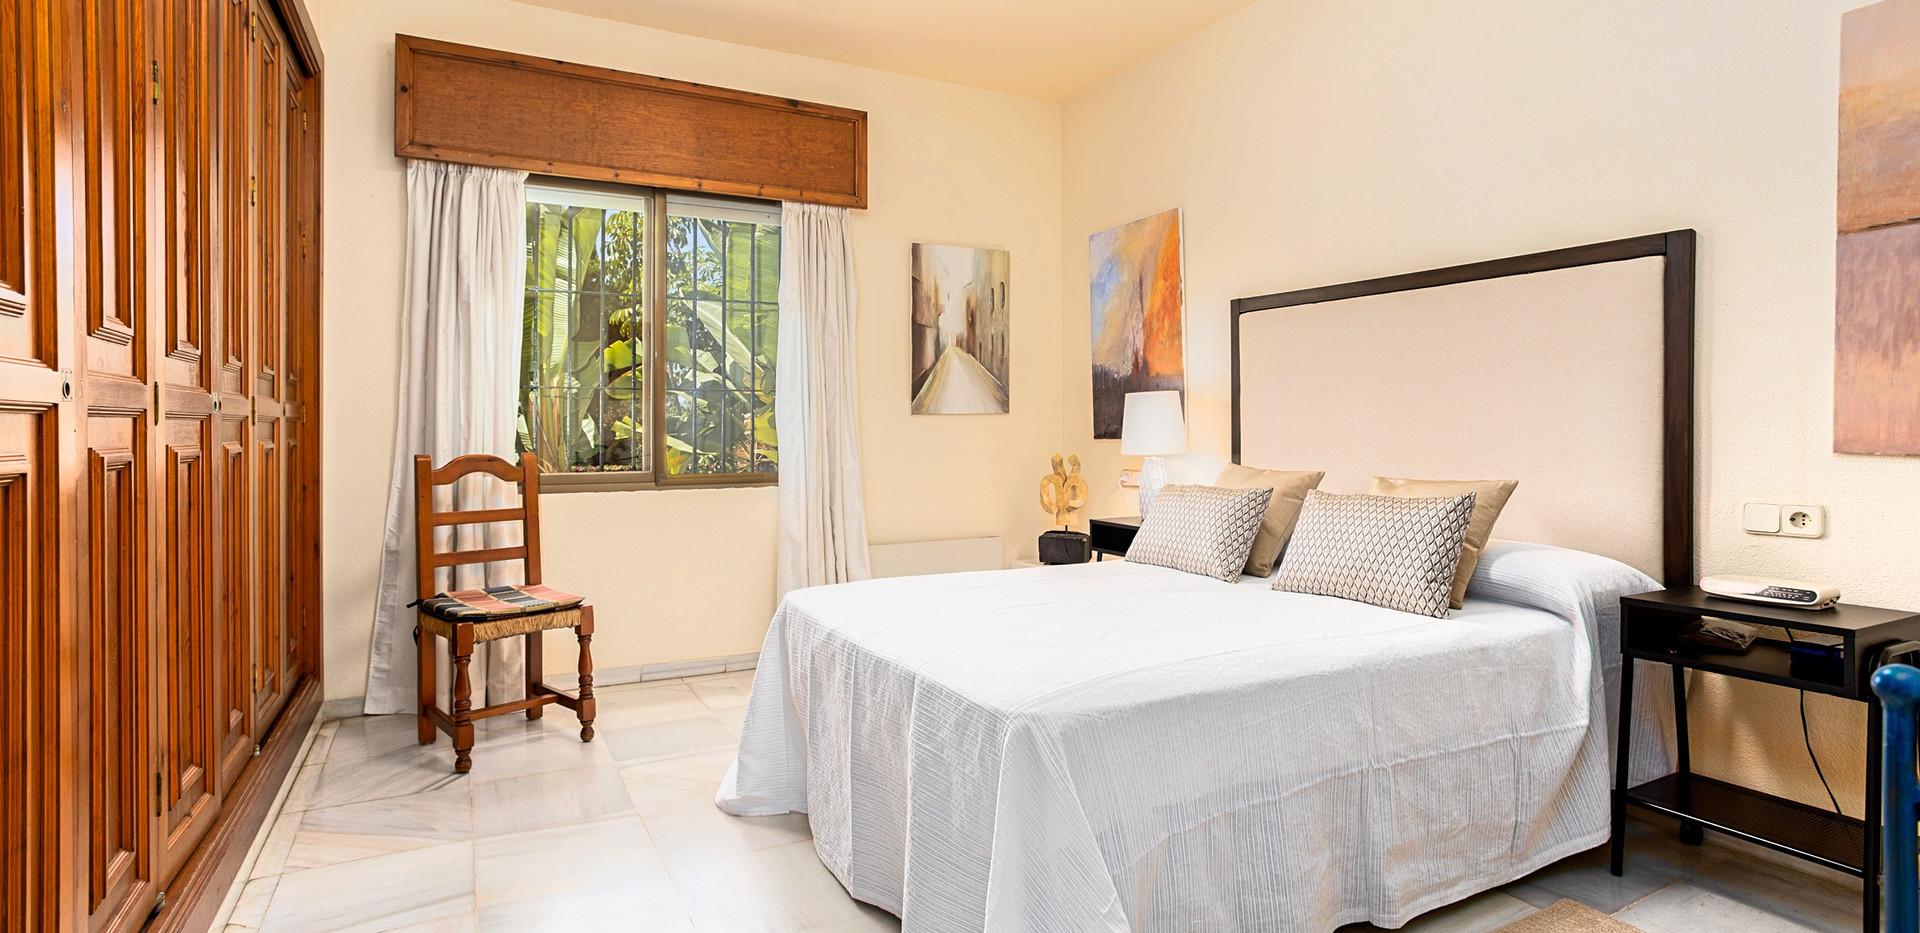 Villa El Bocho - Dormitorio 2_Fotor.jpg